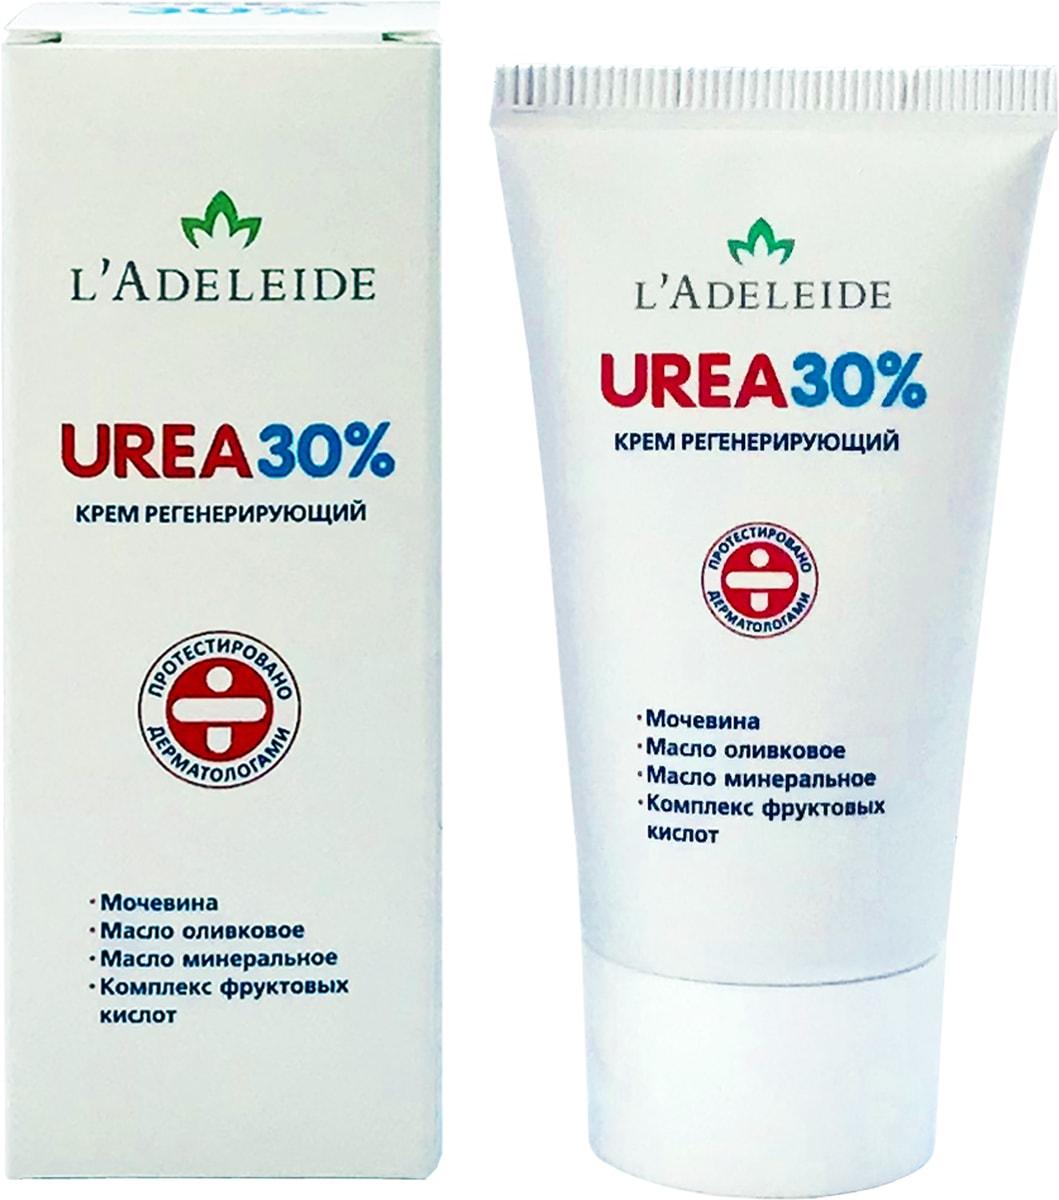 L'Adeleide Крем регенерирующий Urea 30 %, 50 мл все цены